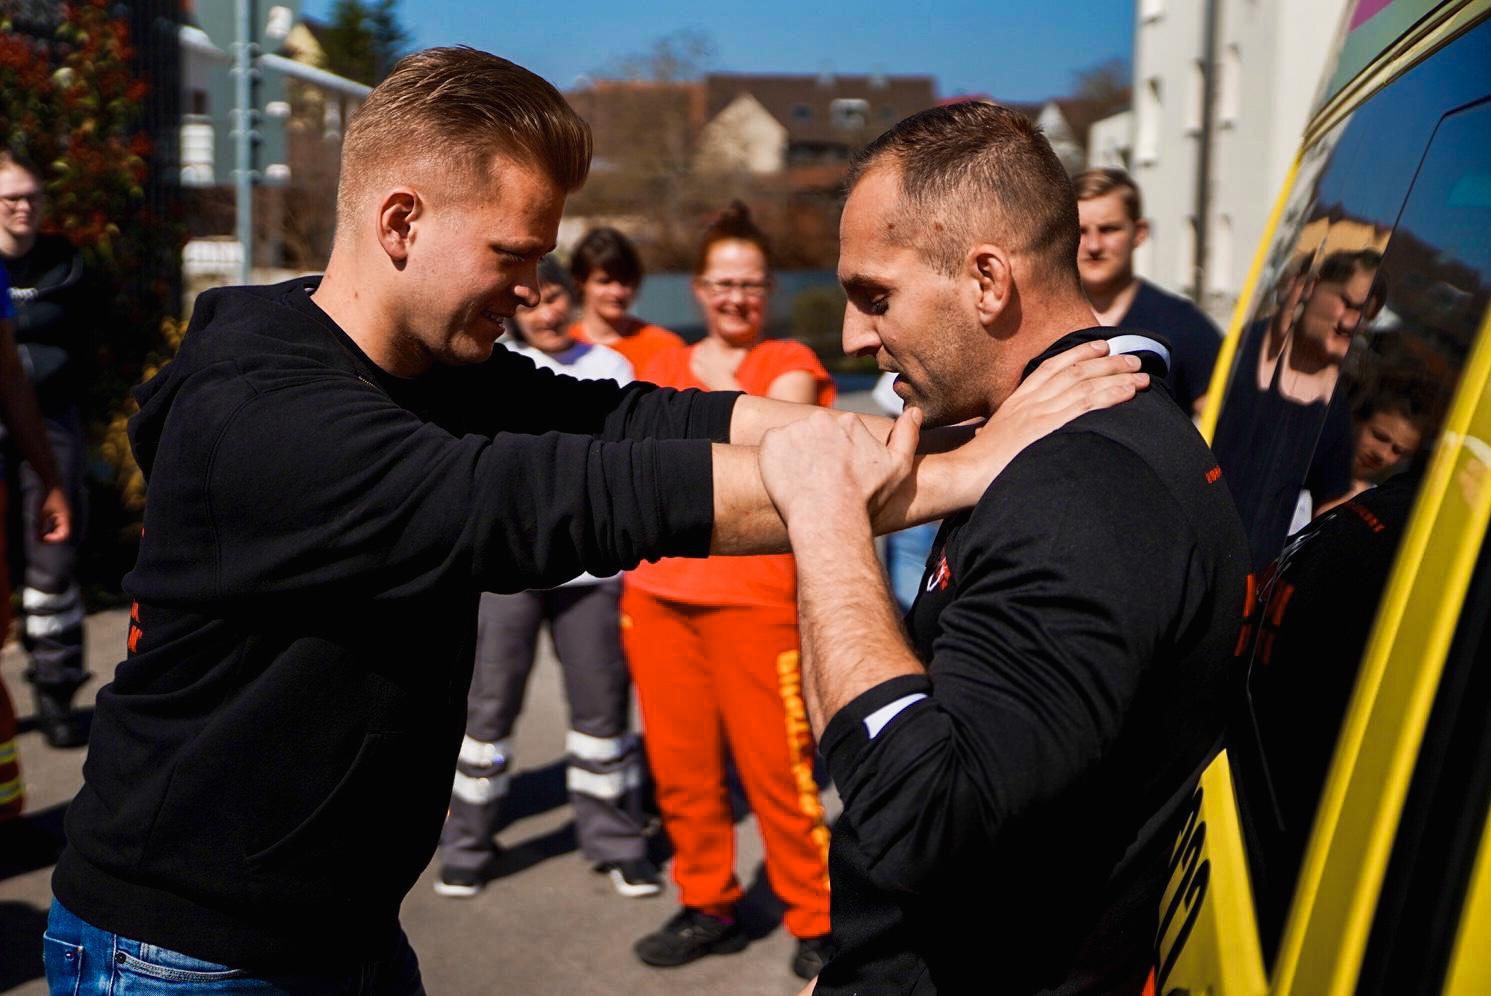 Sportakademie Baumann Krav Maga Defcon Car Defence